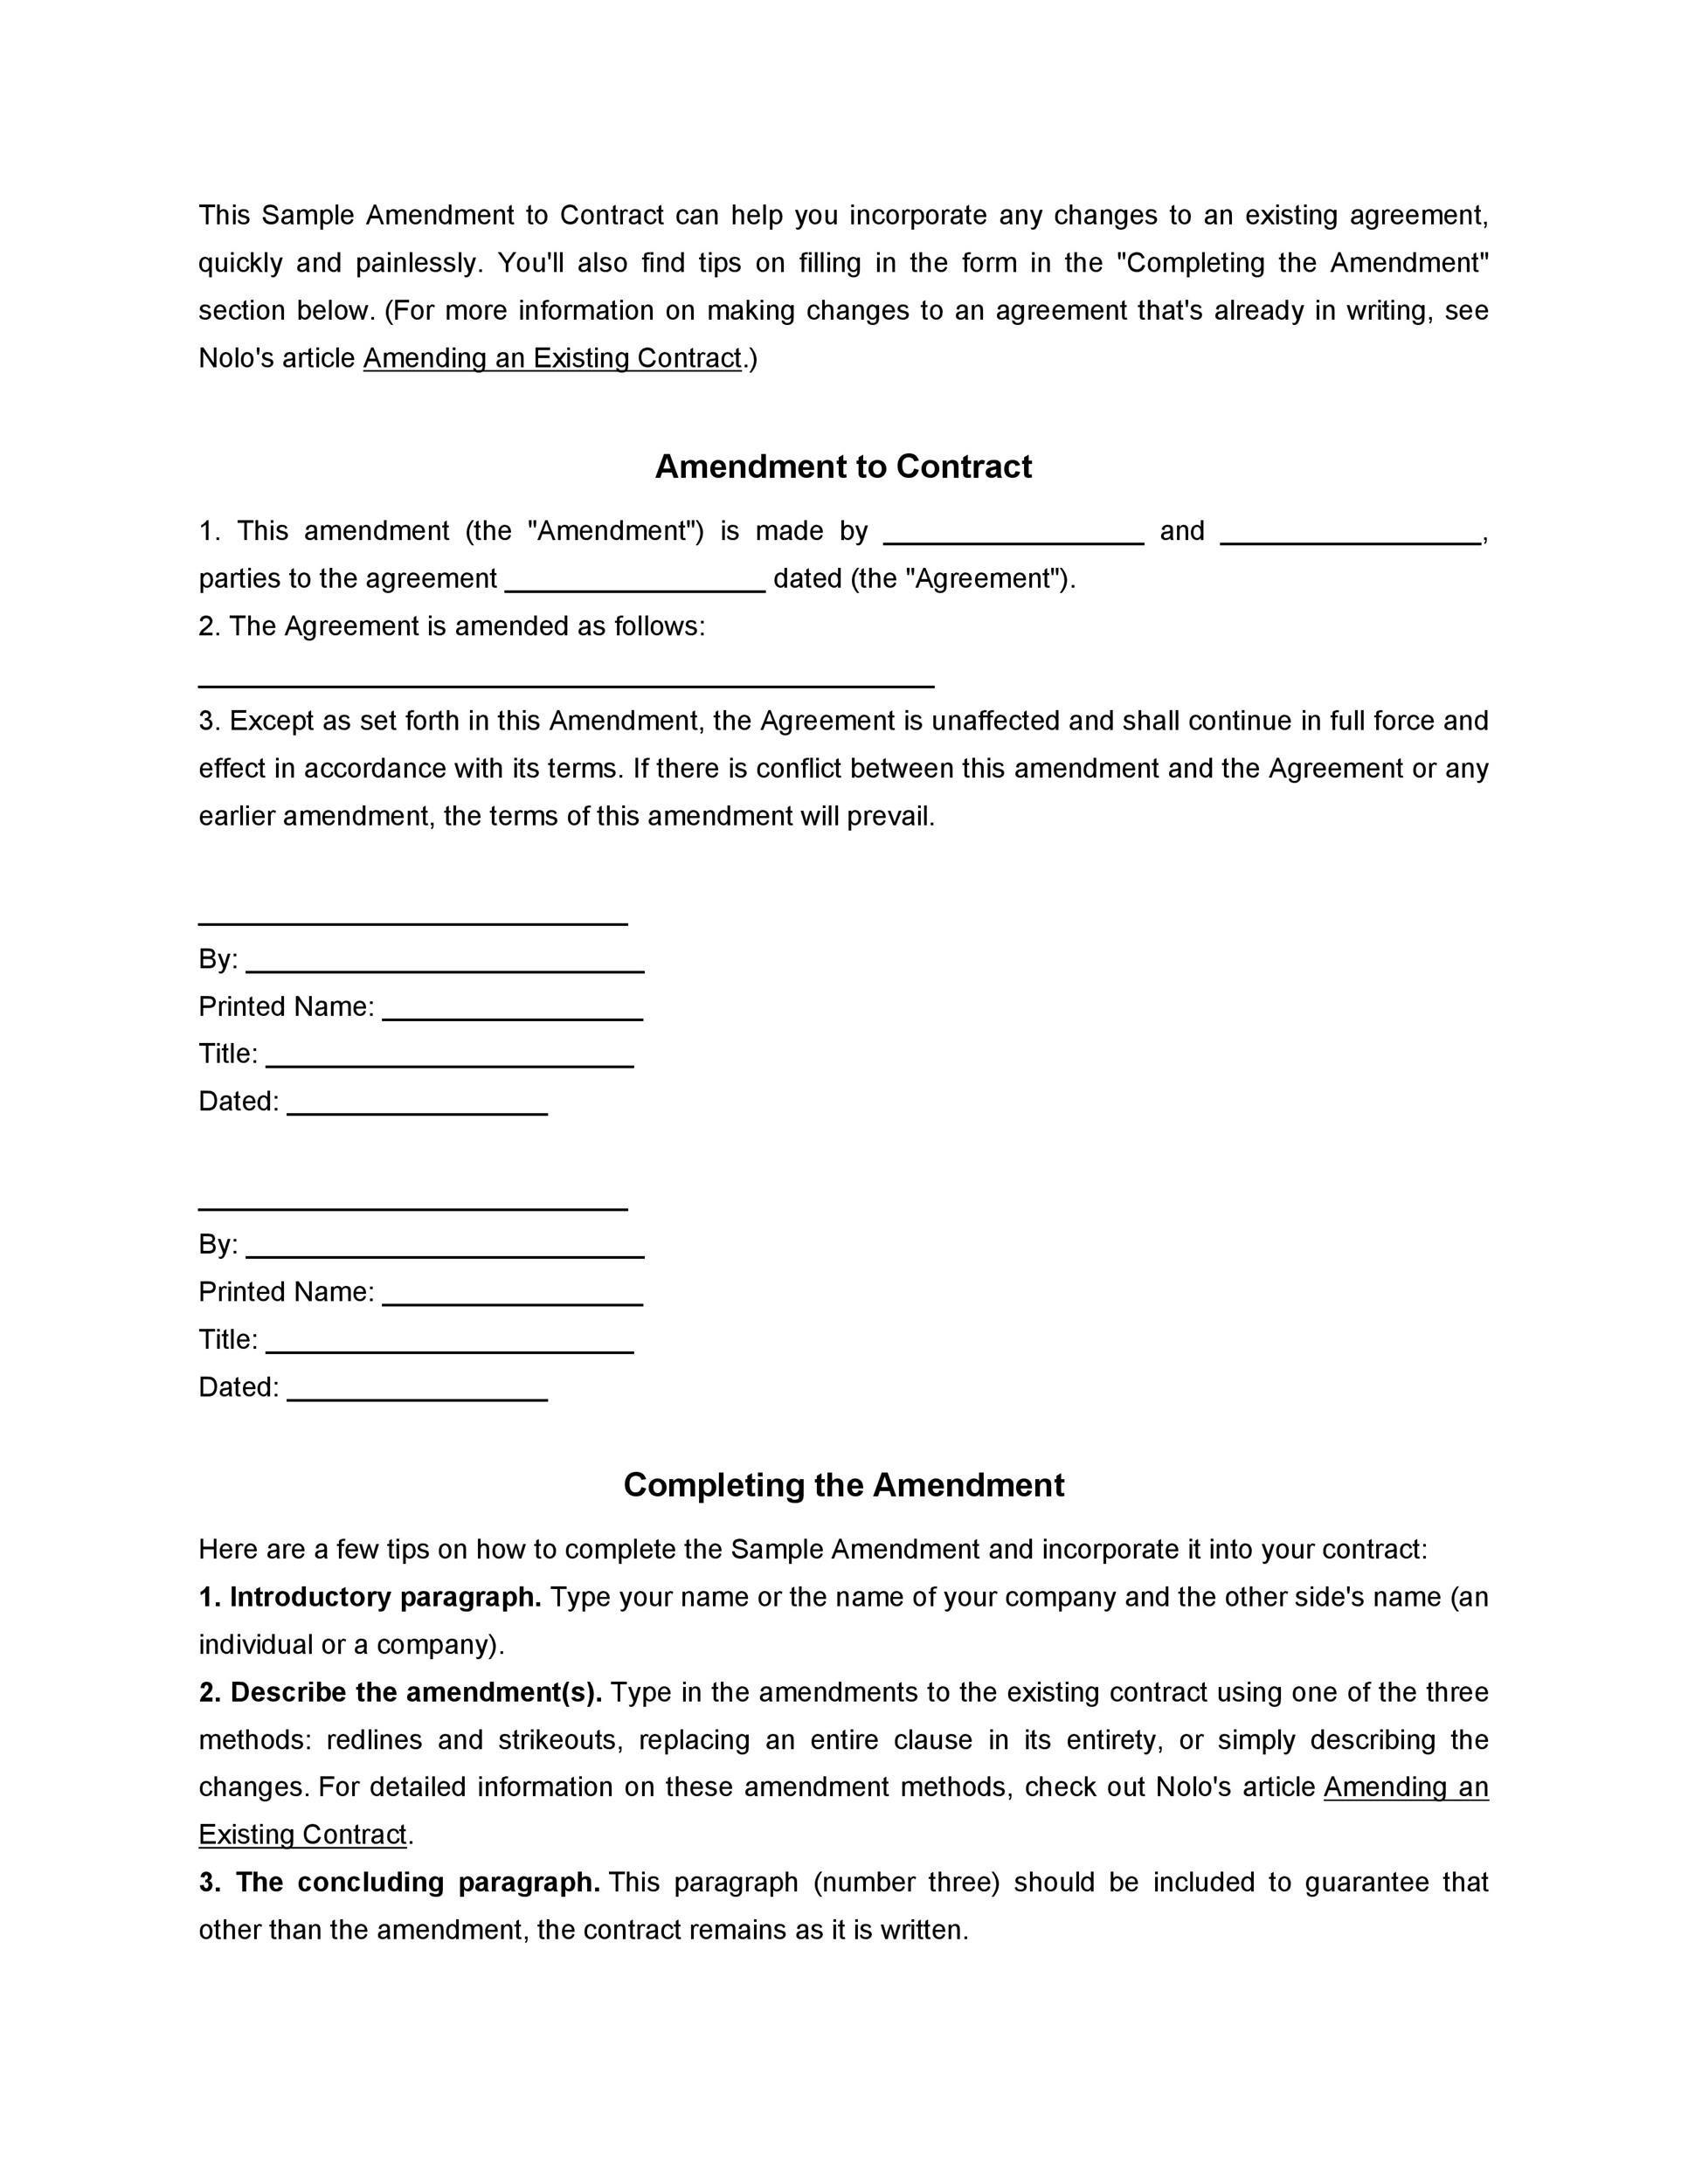 44 Professional Contract Amendment Templates Samples ᐅ